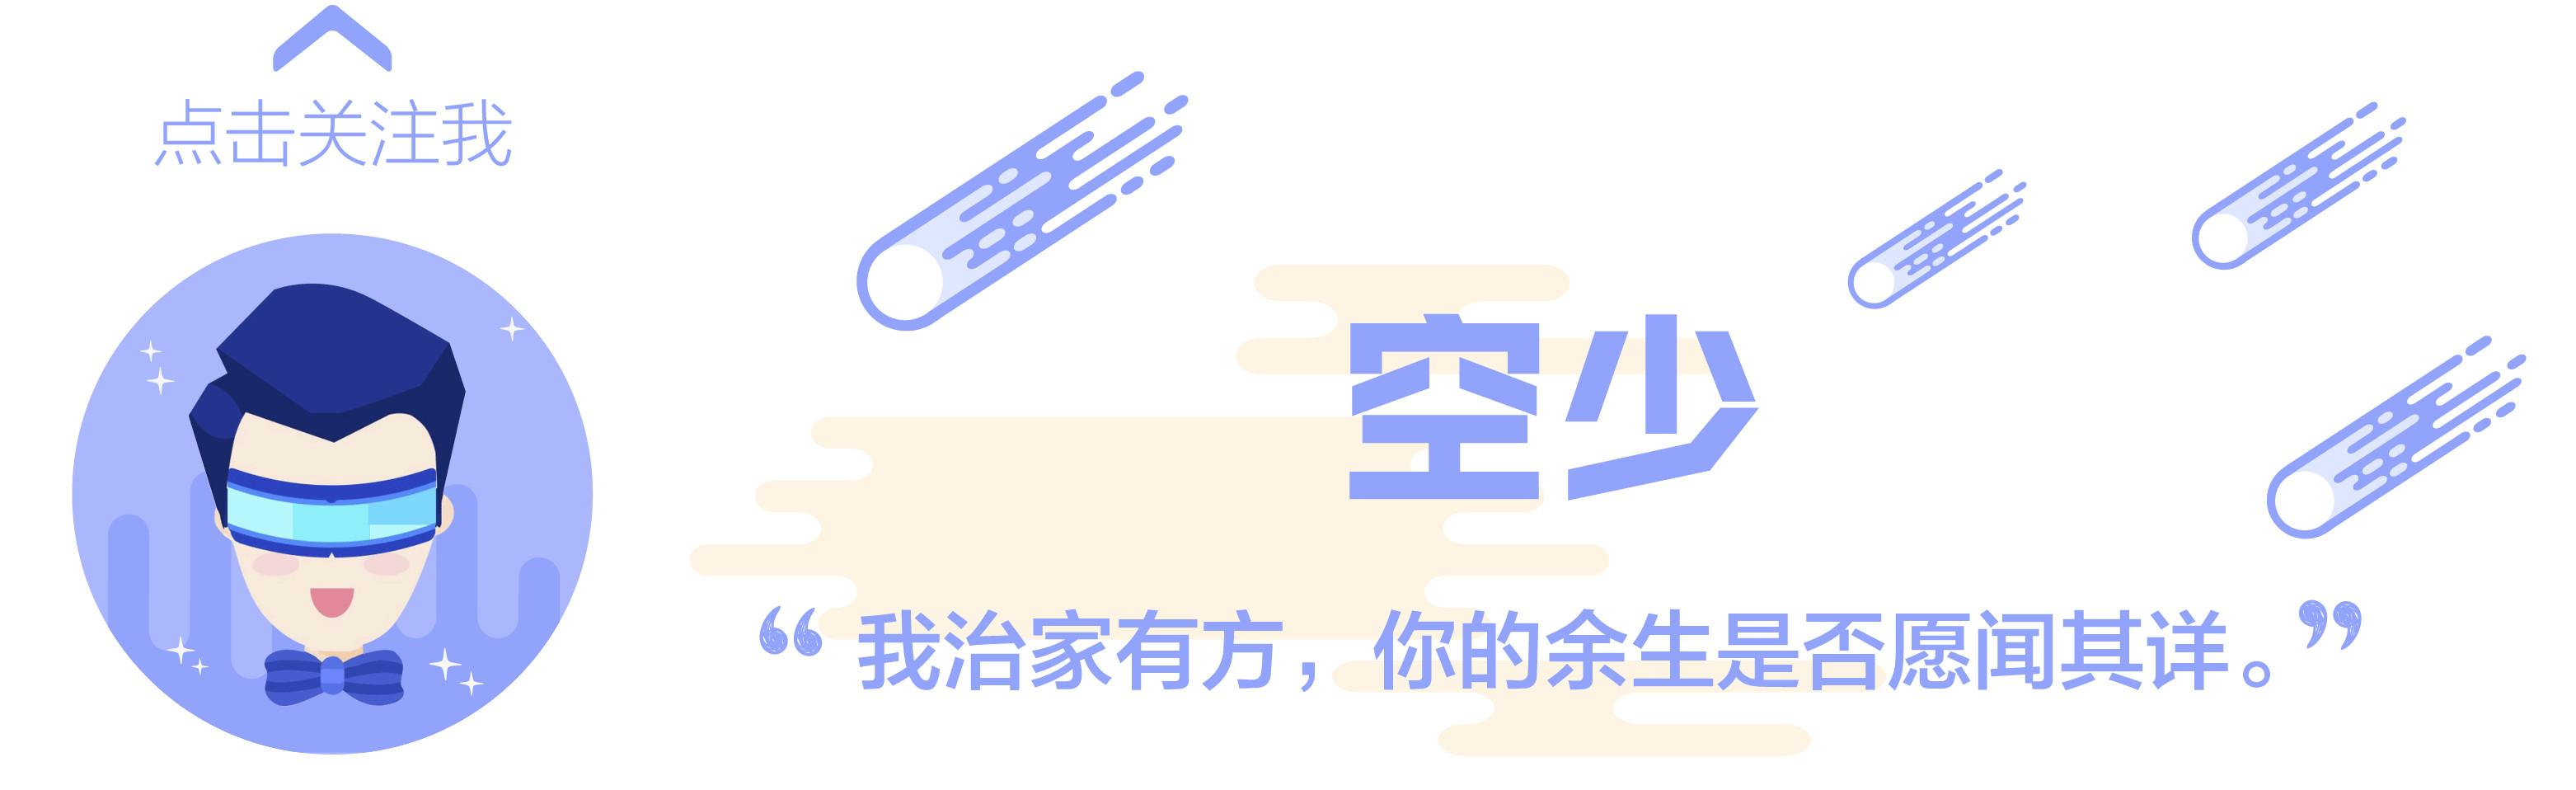 http://www.mogeblog.com/shoujitongxin/708284.html